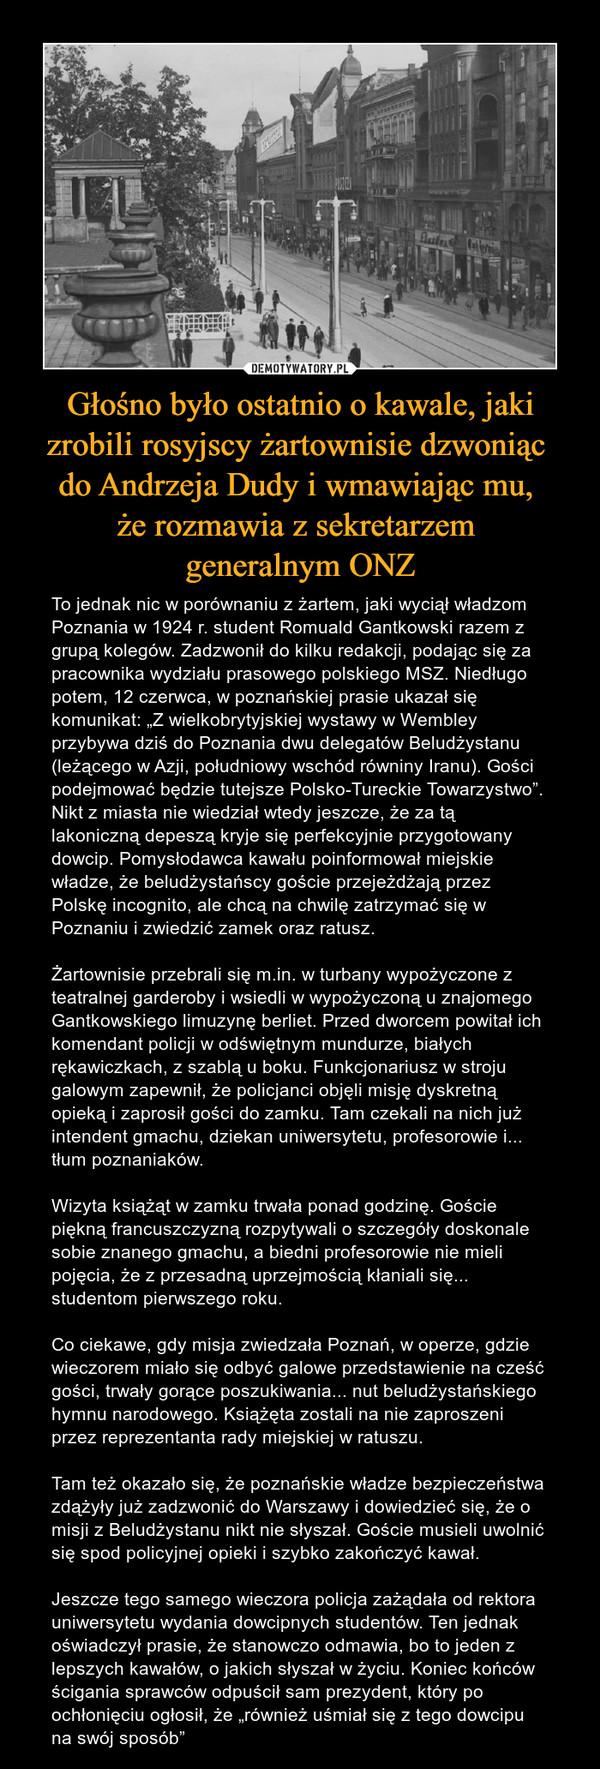 """Głośno było ostatnio o kawale, jaki zrobili rosyjscy żartownisie dzwoniąc do Andrzeja Dudy i wmawiając mu, że rozmawia z sekretarzem generalnym ONZ – To jednak nic w porównaniu z żartem, jaki wyciął władzom Poznania w 1924 r. student Romuald Gantkowski razem z grupą kolegów. Zadzwonił do kilku redakcji, podając się za pracownika wydziału prasowego polskiego MSZ. Niedługo potem, 12 czerwca, w poznańskiej prasie ukazał się komunikat: """"Z wielkobrytyjskiej wystawy w Wembley przybywa dziś do Poznania dwu delegatów Beludżystanu (leżącego w Azji, południowy wschód równiny Iranu). Gości podejmować będzie tutejsze Polsko-Tureckie Towarzystwo"""". Nikt z miasta nie wiedział wtedy jeszcze, że za tą lakoniczną depeszą kryje się perfekcyjnie przygotowany dowcip. Pomysłodawca kawału poinformował miejskie władze, że beludżystańscy goście przejeżdżają przez Polskę incognito, ale chcą na chwilę zatrzymać się w Poznaniu i zwiedzić zamek oraz ratusz.Żartownisie przebrali się m.in. w turbany wypożyczone z teatralnej garderoby i wsiedli w wypożyczoną u znajomego Gantkowskiego limuzynę berliet. Przed dworcem powitał ich komendant policji w odświętnym mundurze, białych rękawiczkach, z szablą u boku. Funkcjonariusz w stroju galowym zapewnił, że policjanci objęli misję dyskretną opieką i zaprosił gości do zamku. Tam czekali na nich już intendent gmachu, dziekan uniwersytetu, profesorowie i... tłum poznaniaków.Wizyta książąt w zamku trwała ponad godzinę. Goście piękną francuszczyzną rozpytywali o szczegóły doskonale sobie znanego gmachu, a biedni profesorowie nie mieli pojęcia, że z przesadną uprzejmością kłaniali się... studentom pierwszego roku.Co ciekawe, gdy misja zwiedzała Poznań, w operze, gdzie wieczorem miało się odbyć galowe przedstawienie na cześć gości, trwały gorące poszukiwania... nut beludżystańskiego hymnu narodowego. Książęta zostali na nie zaproszeni przez reprezentanta rady miejskiej w ratuszu.Tam też okazało się, że poznańskie władze bezpieczeństwa zdążyły już zadzwonić do Wa"""